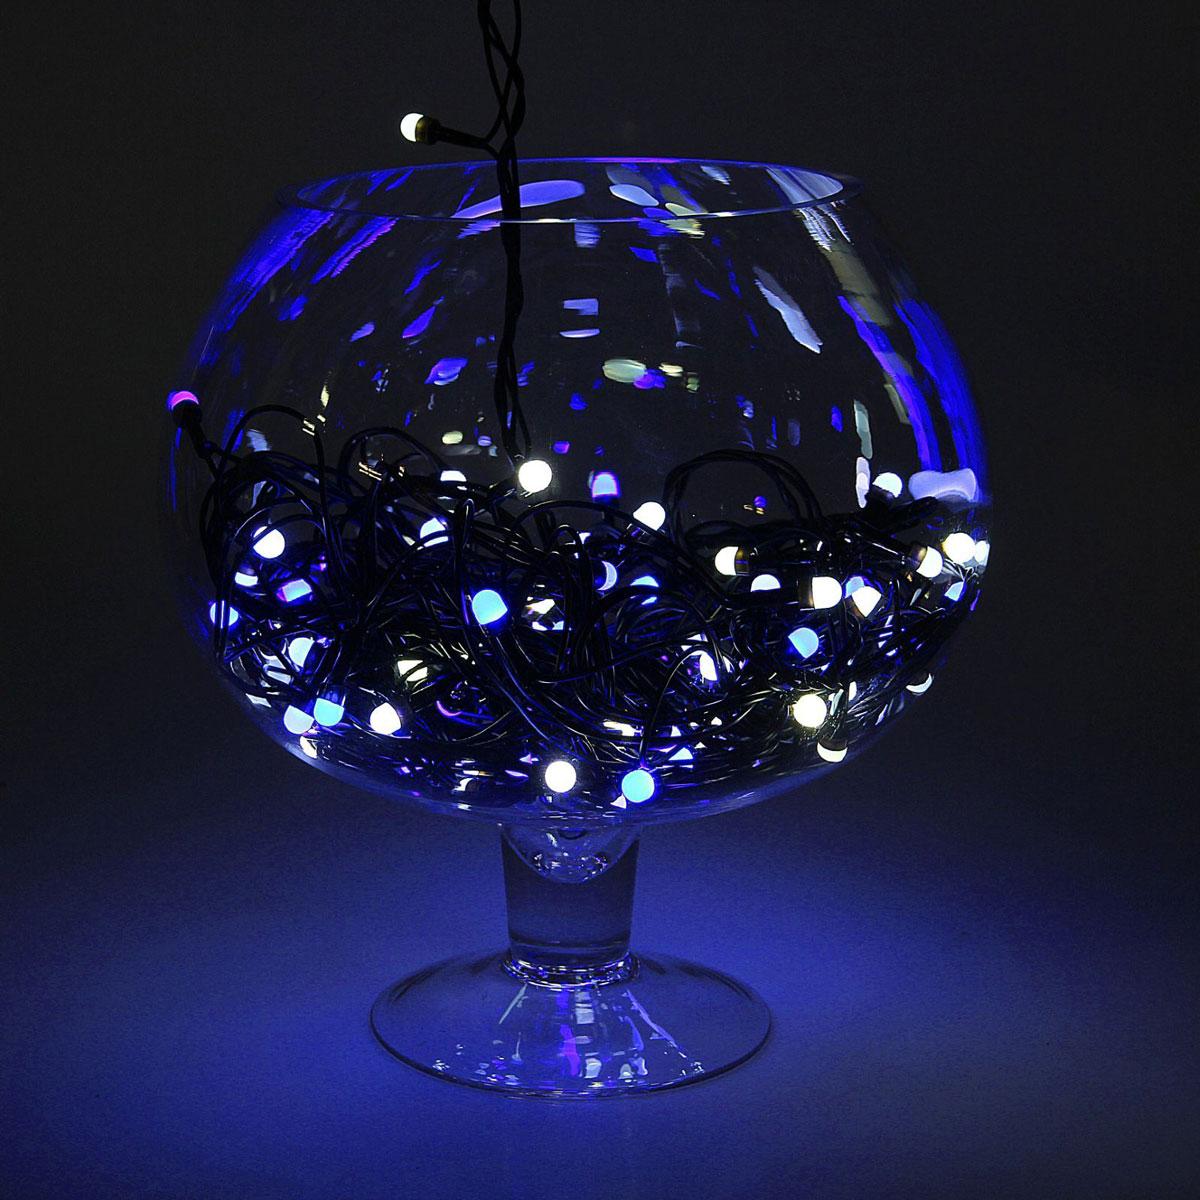 Гирлянда светодиодная Luazon Метраж, уличная, моргает, 100 ламп, 220 V, 10 м, цвет: синий. 10805591080559Светодиодные гирлянды, ленты и т.д. — это отличный вариант для новогоднего оформления интерьера или фасада. С их помощью помещение любого размера можно превратить в праздничный зал, а внешние элементы зданий, украшенные ими, мгновенно станут напоминать очертания сказочного дворца. Такие украшения создают ауру предвкушения чуда. Деревья, фасады, витрины, окна и арки будто специально созданы, чтобы вы украсили их светящимися нитями.